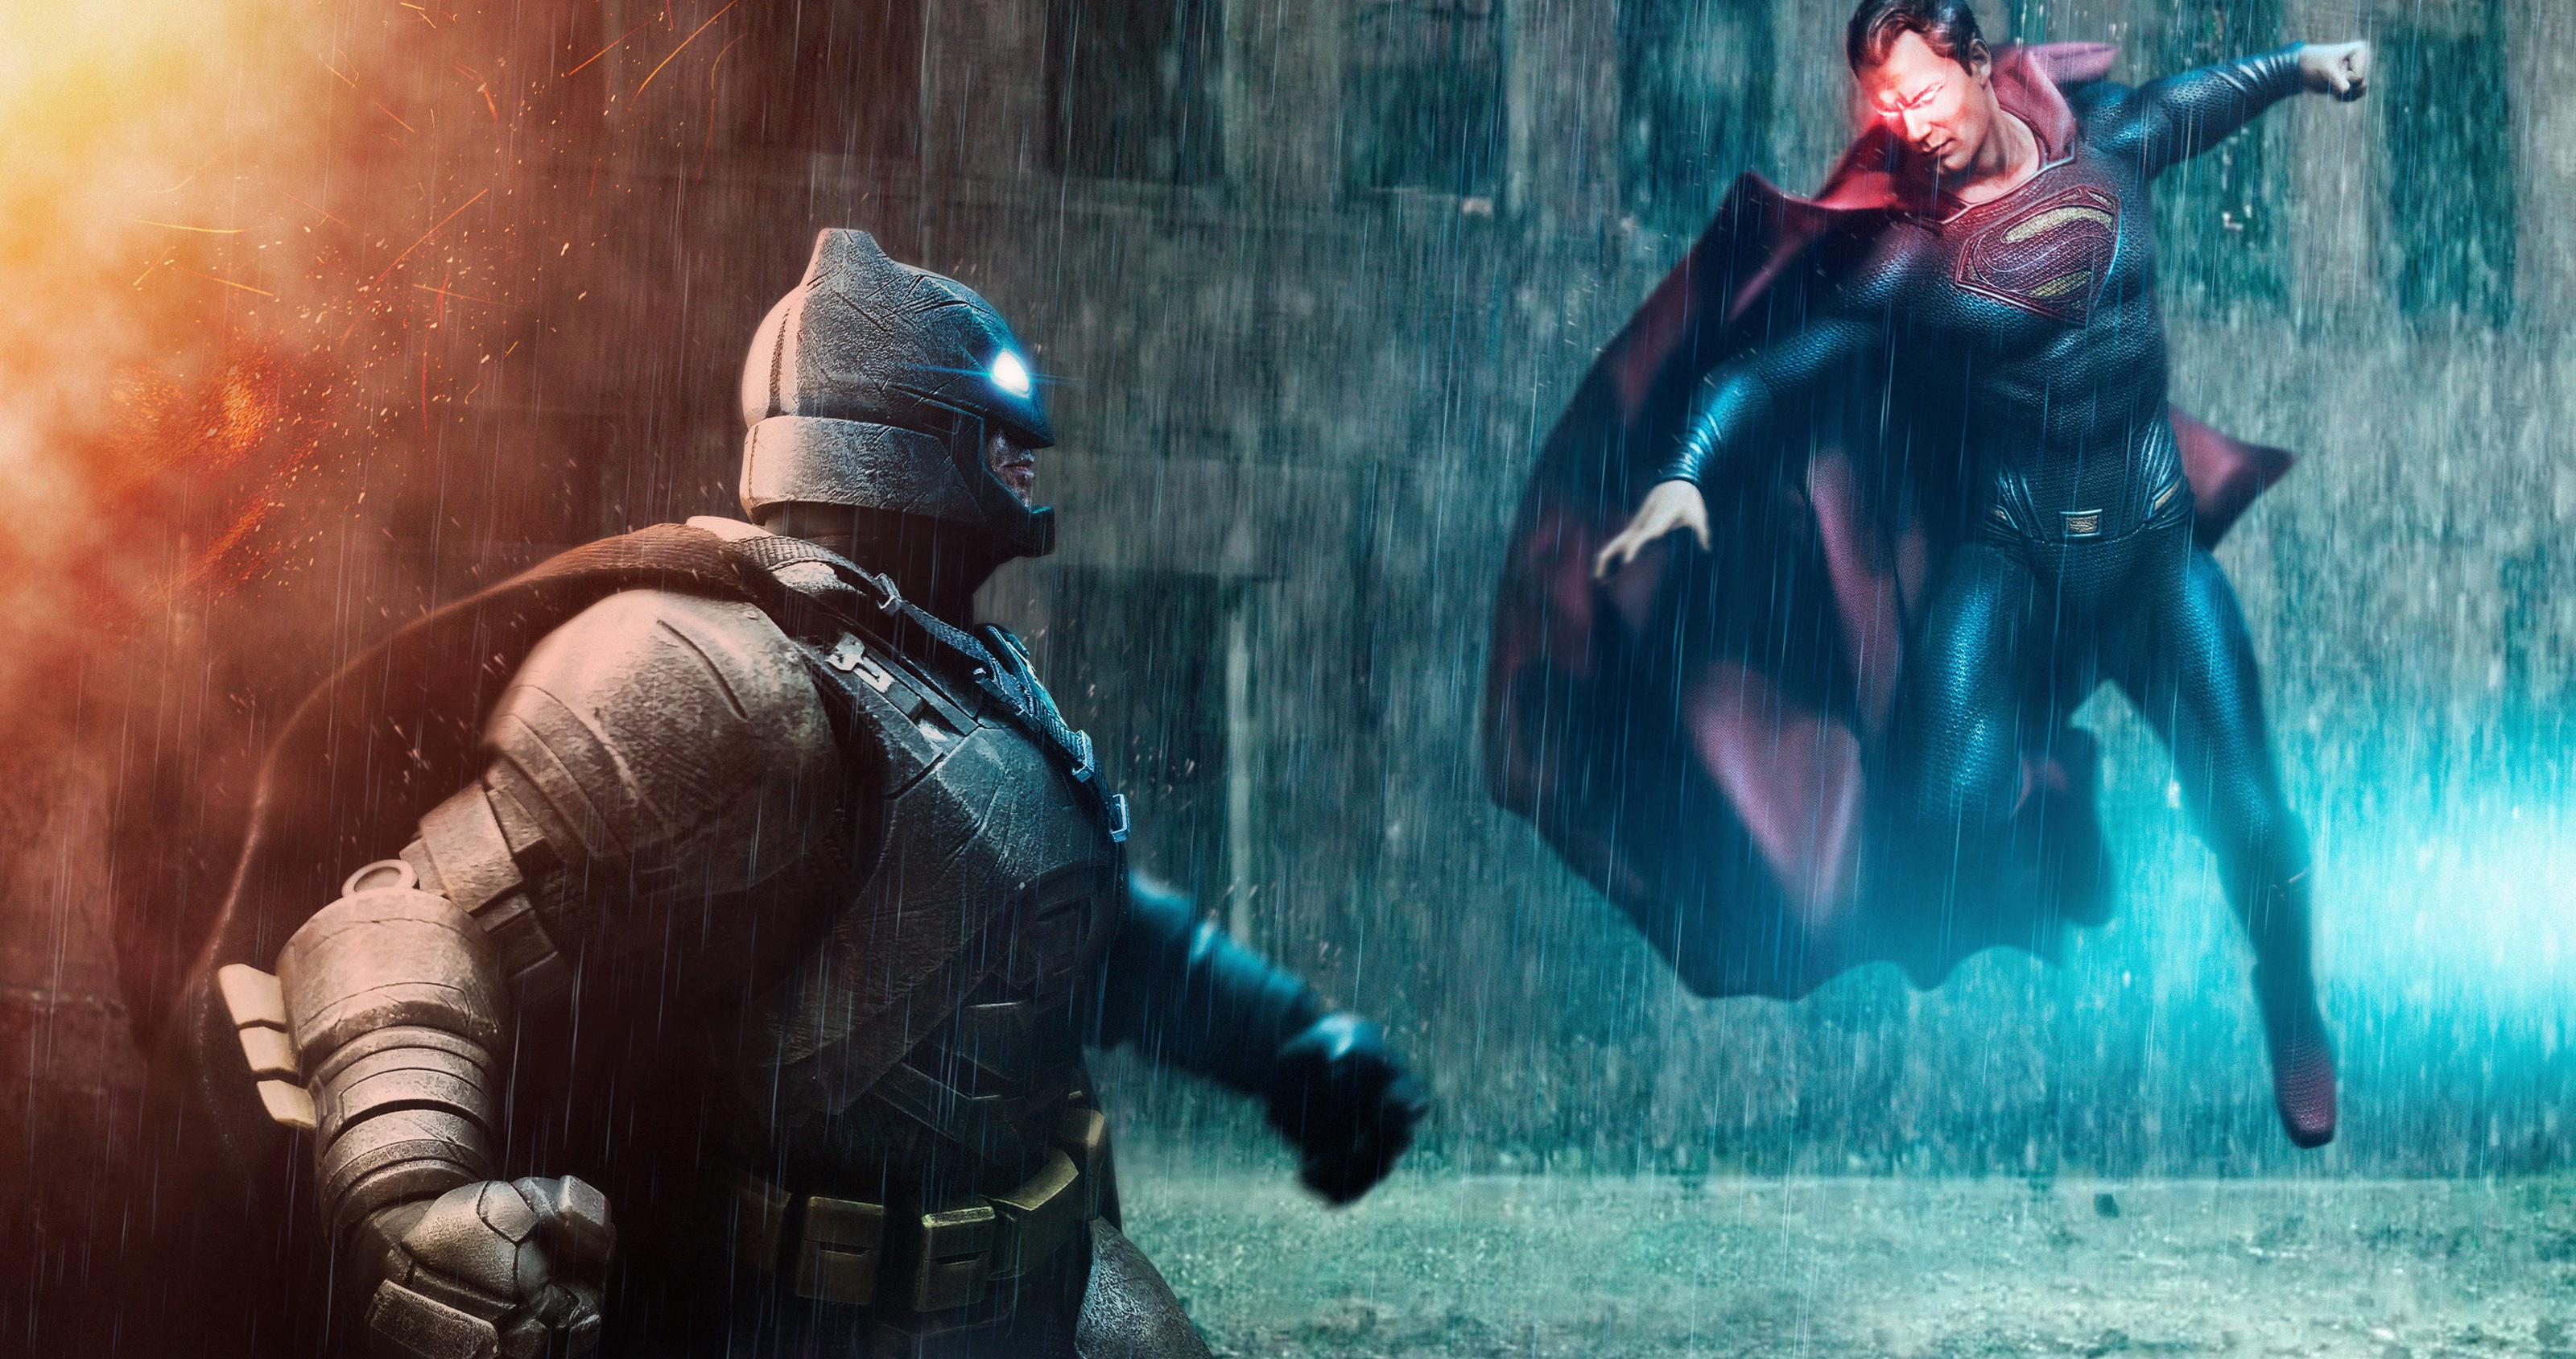 Batman V Superman Wallpapers - Batman Vs Superman Wallpaper 4k - HD Wallpaper